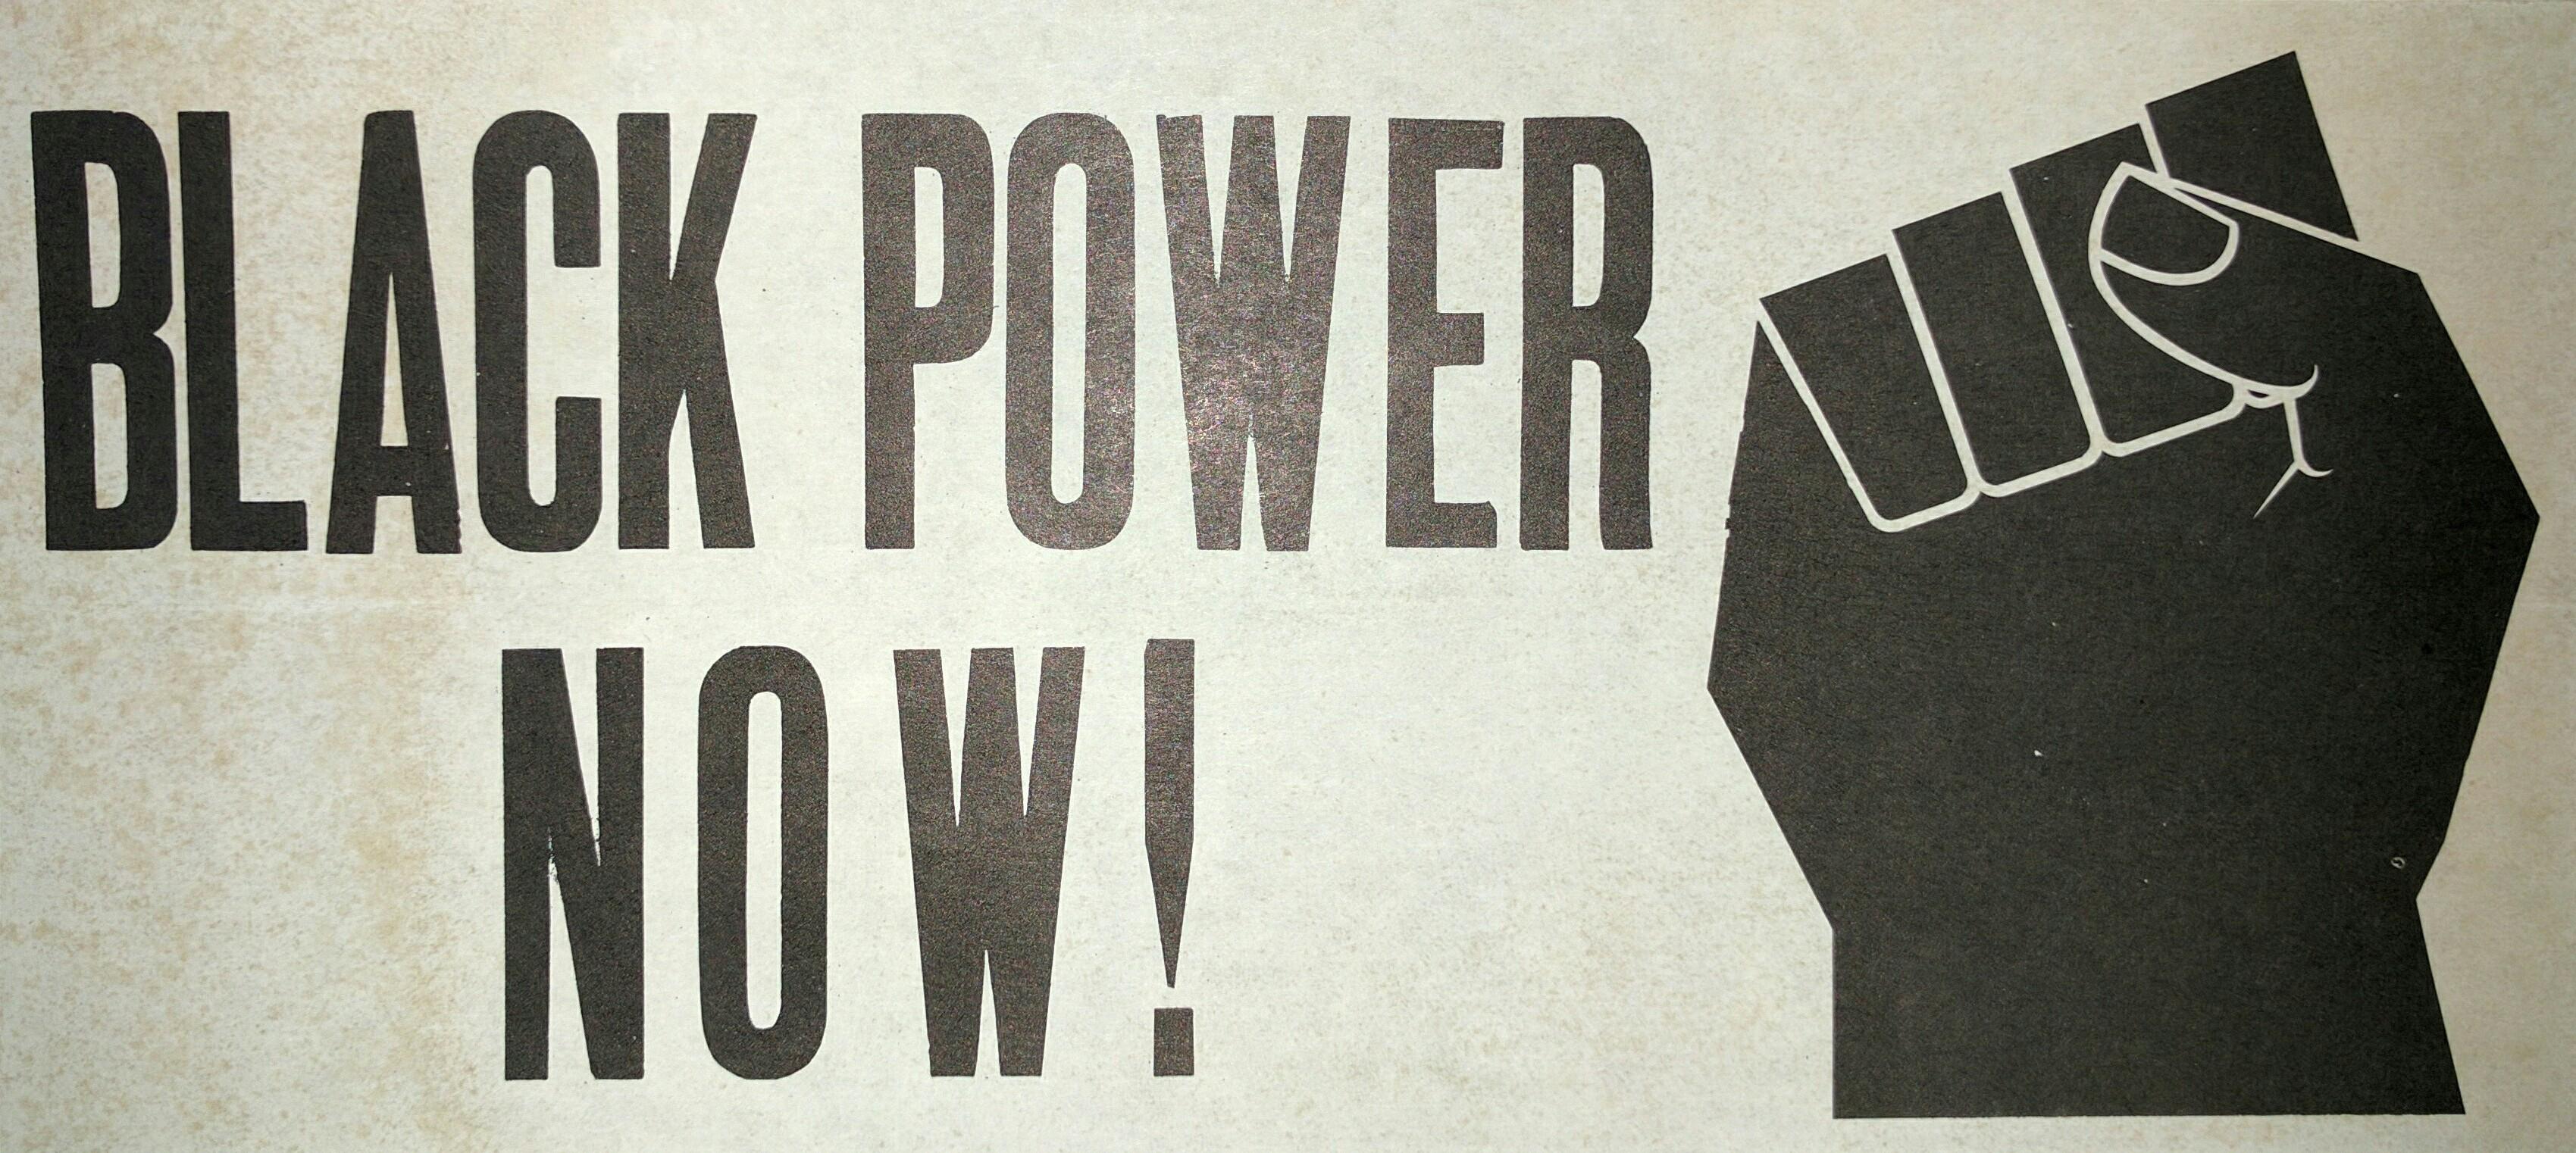 Black Power Now!